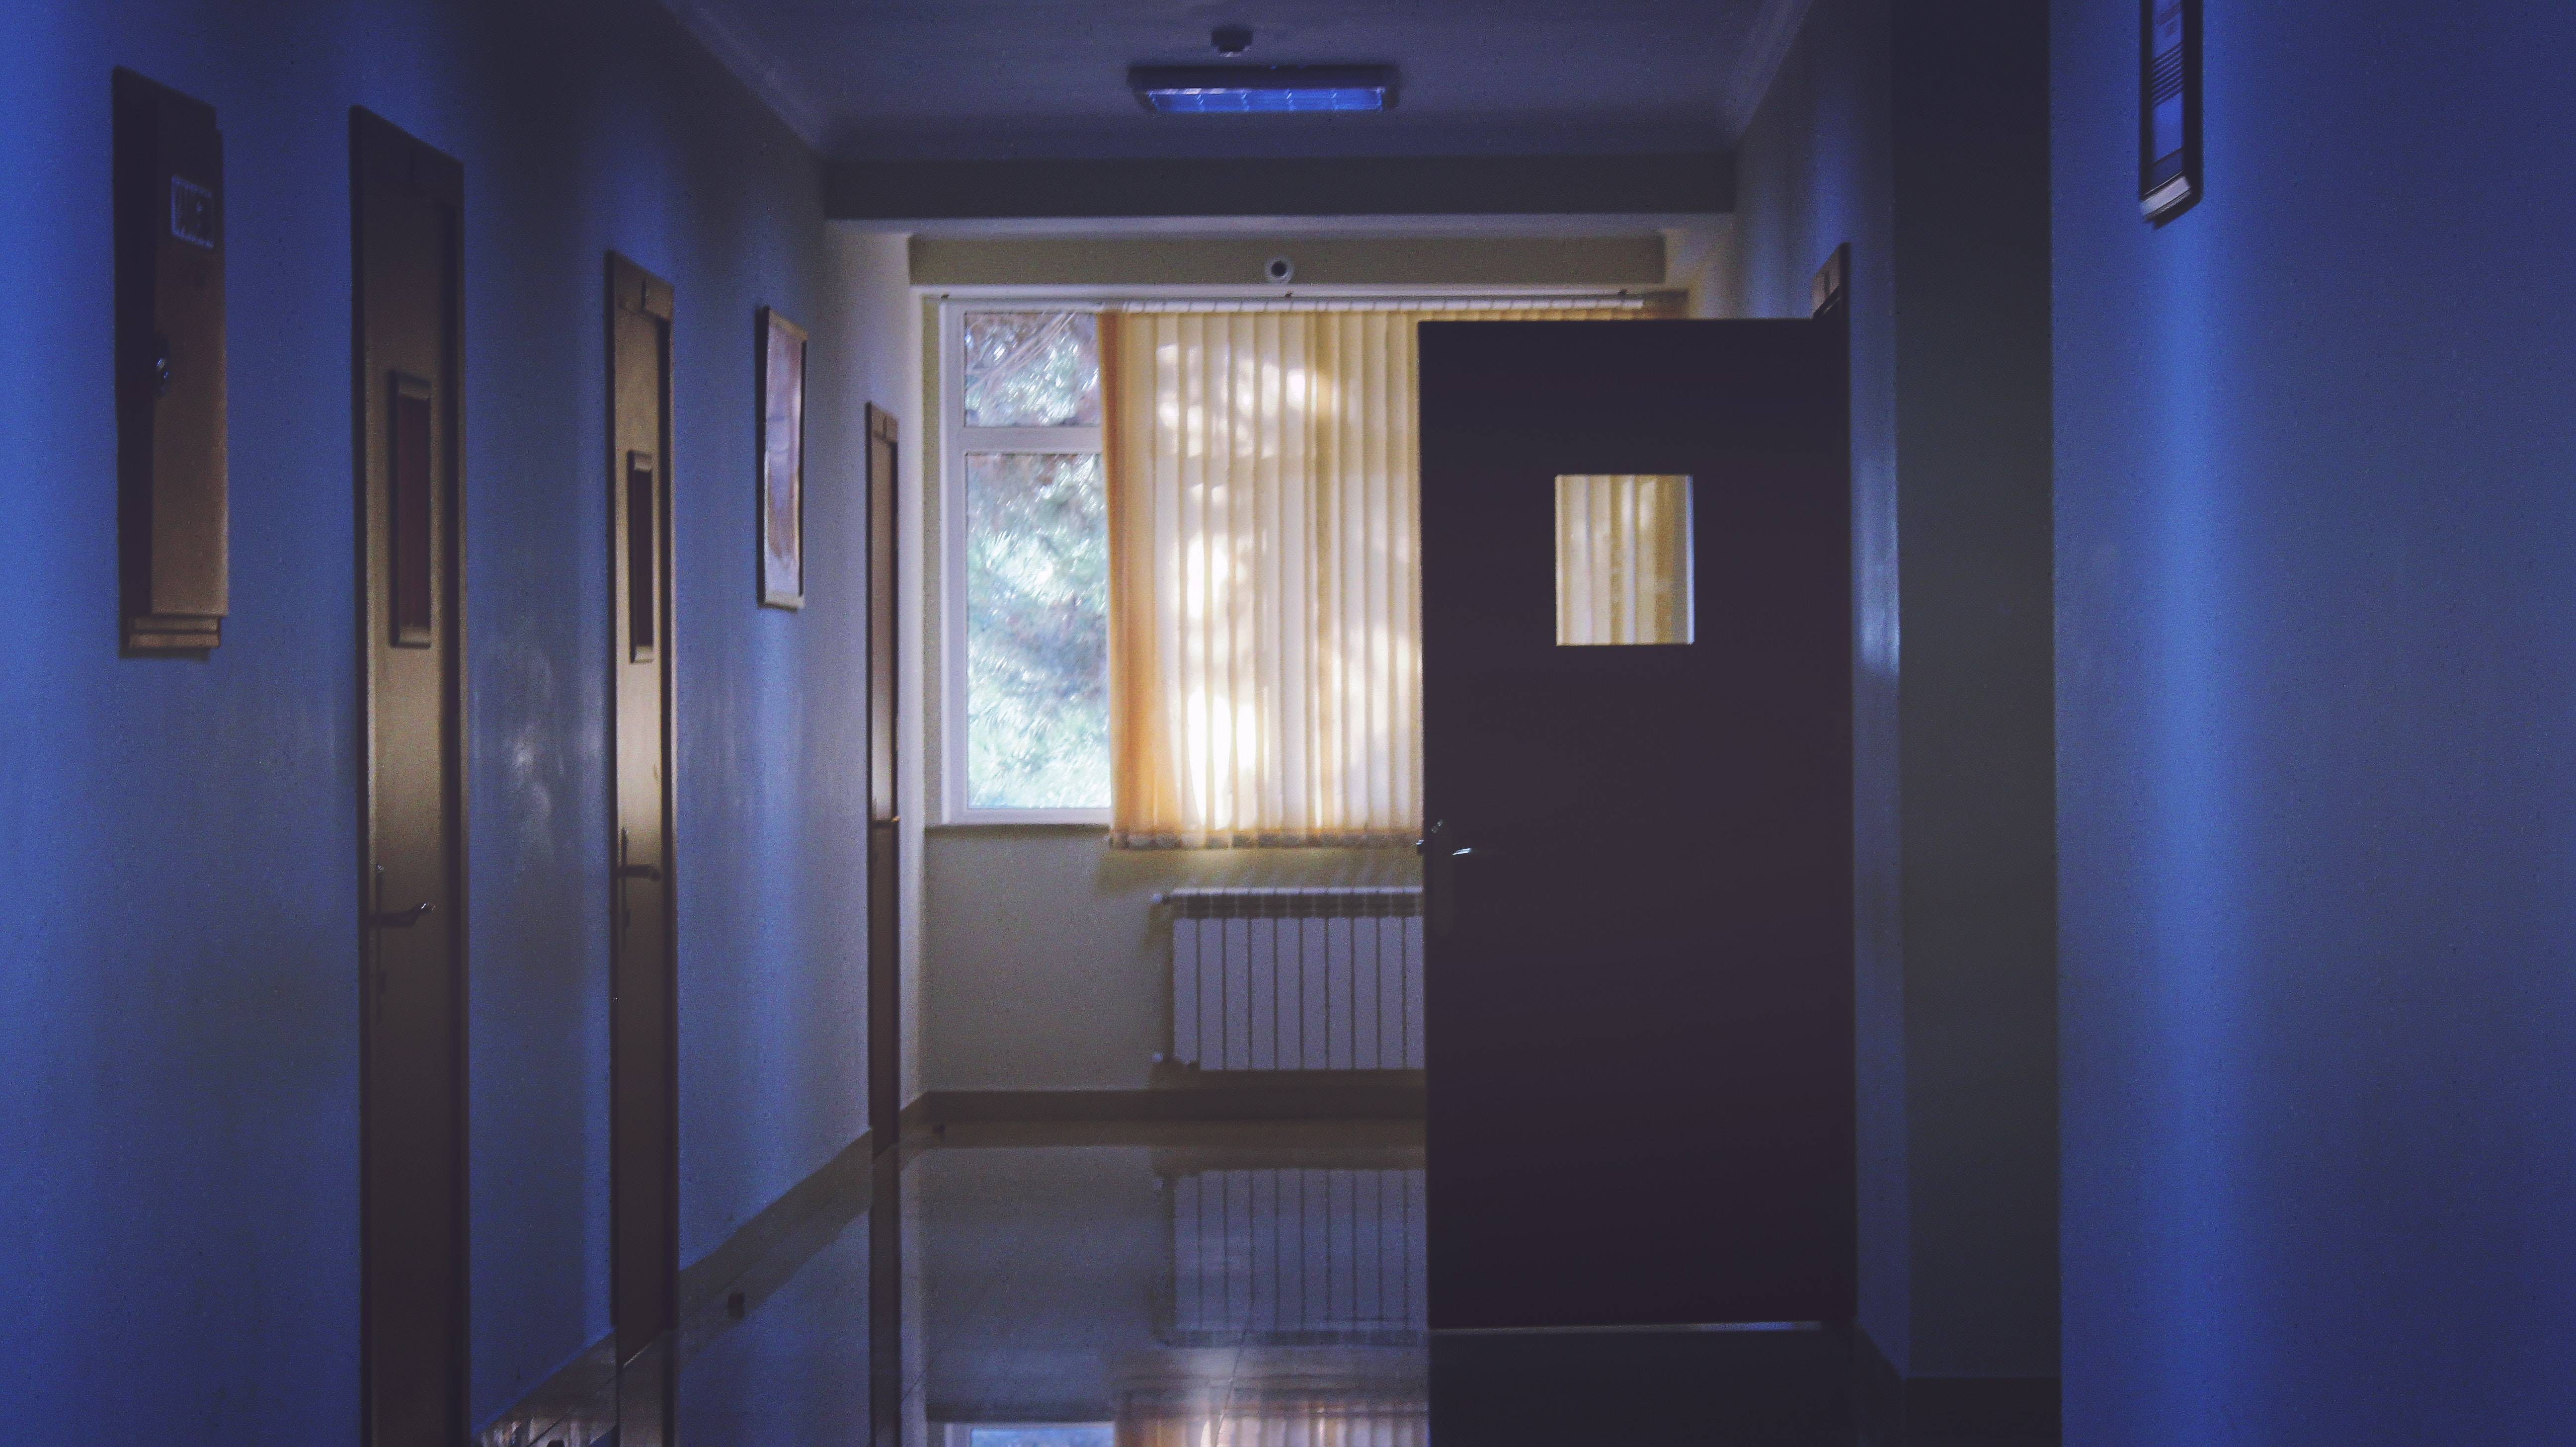 Kanker opnieuw meest voorkomende doodsoorzaak in Nederland